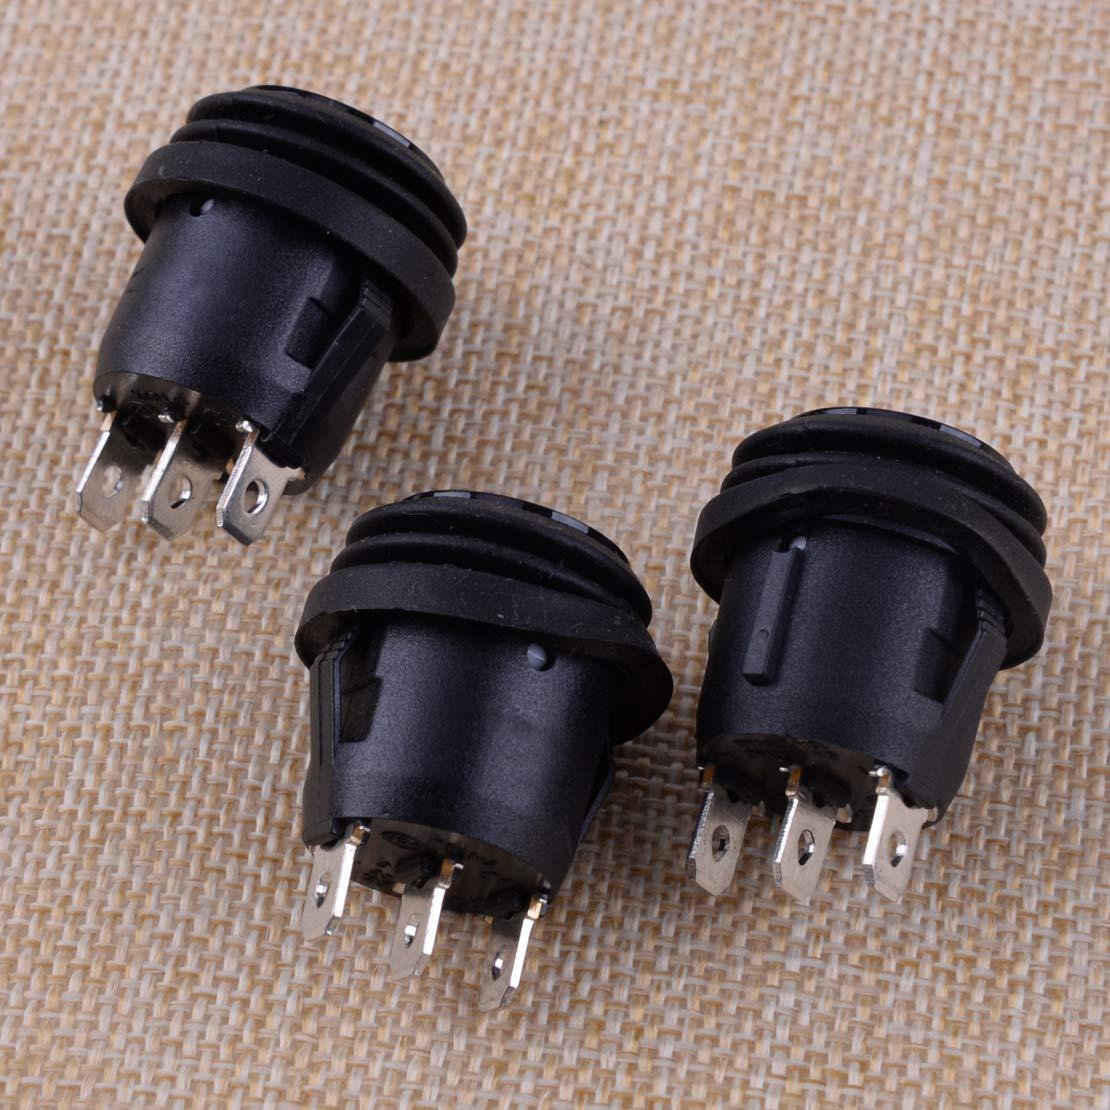 CITALL 5PCS /étanche 3 positions 3 broches interrupteur /à bascule rond encliquetable SPDT